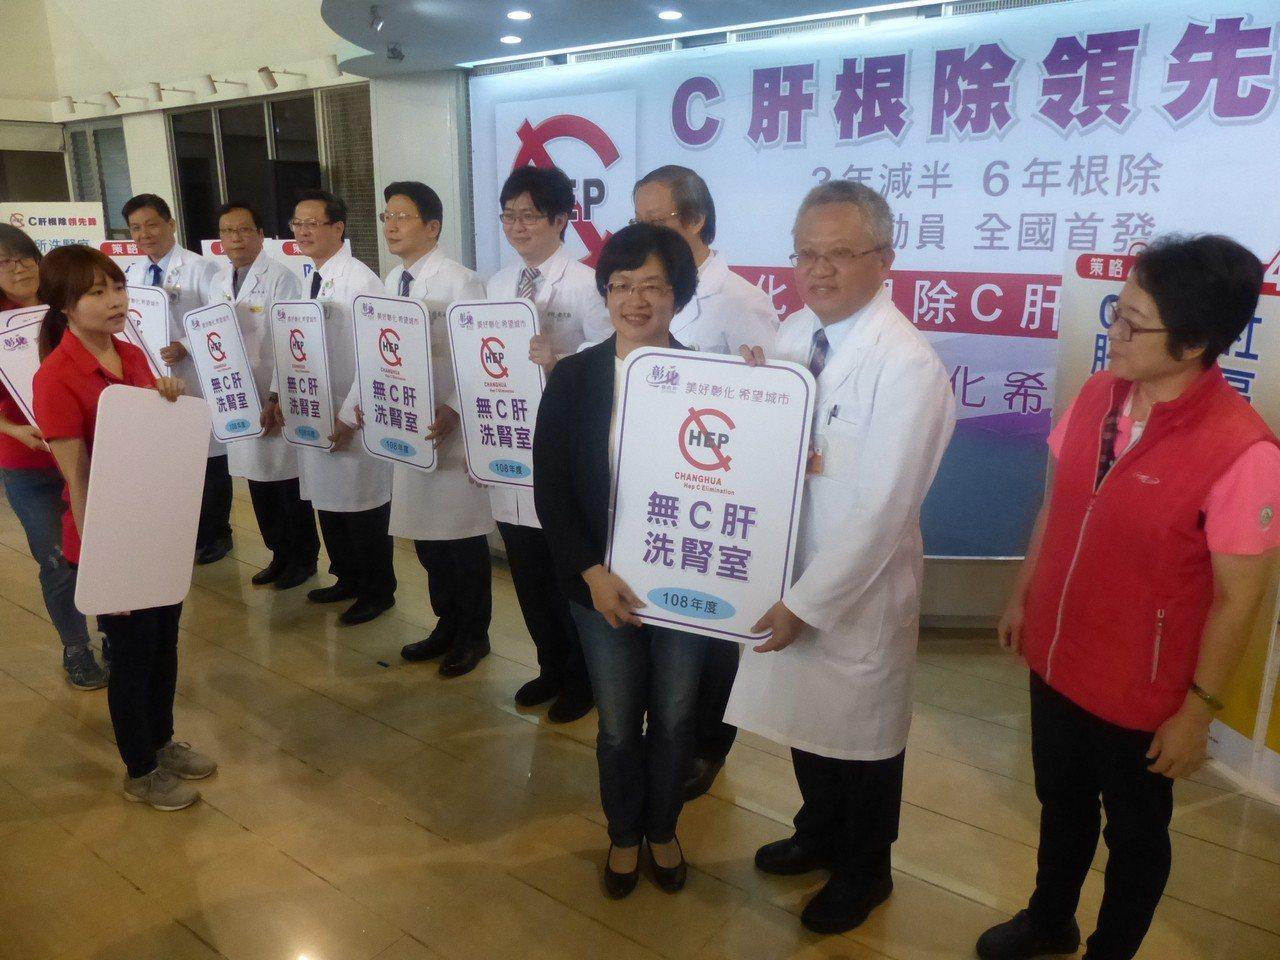 彰化縣長王惠美(右3)頒發無C肝洗腎室獎章給醫療院所代表。記者劉明岩/攝影